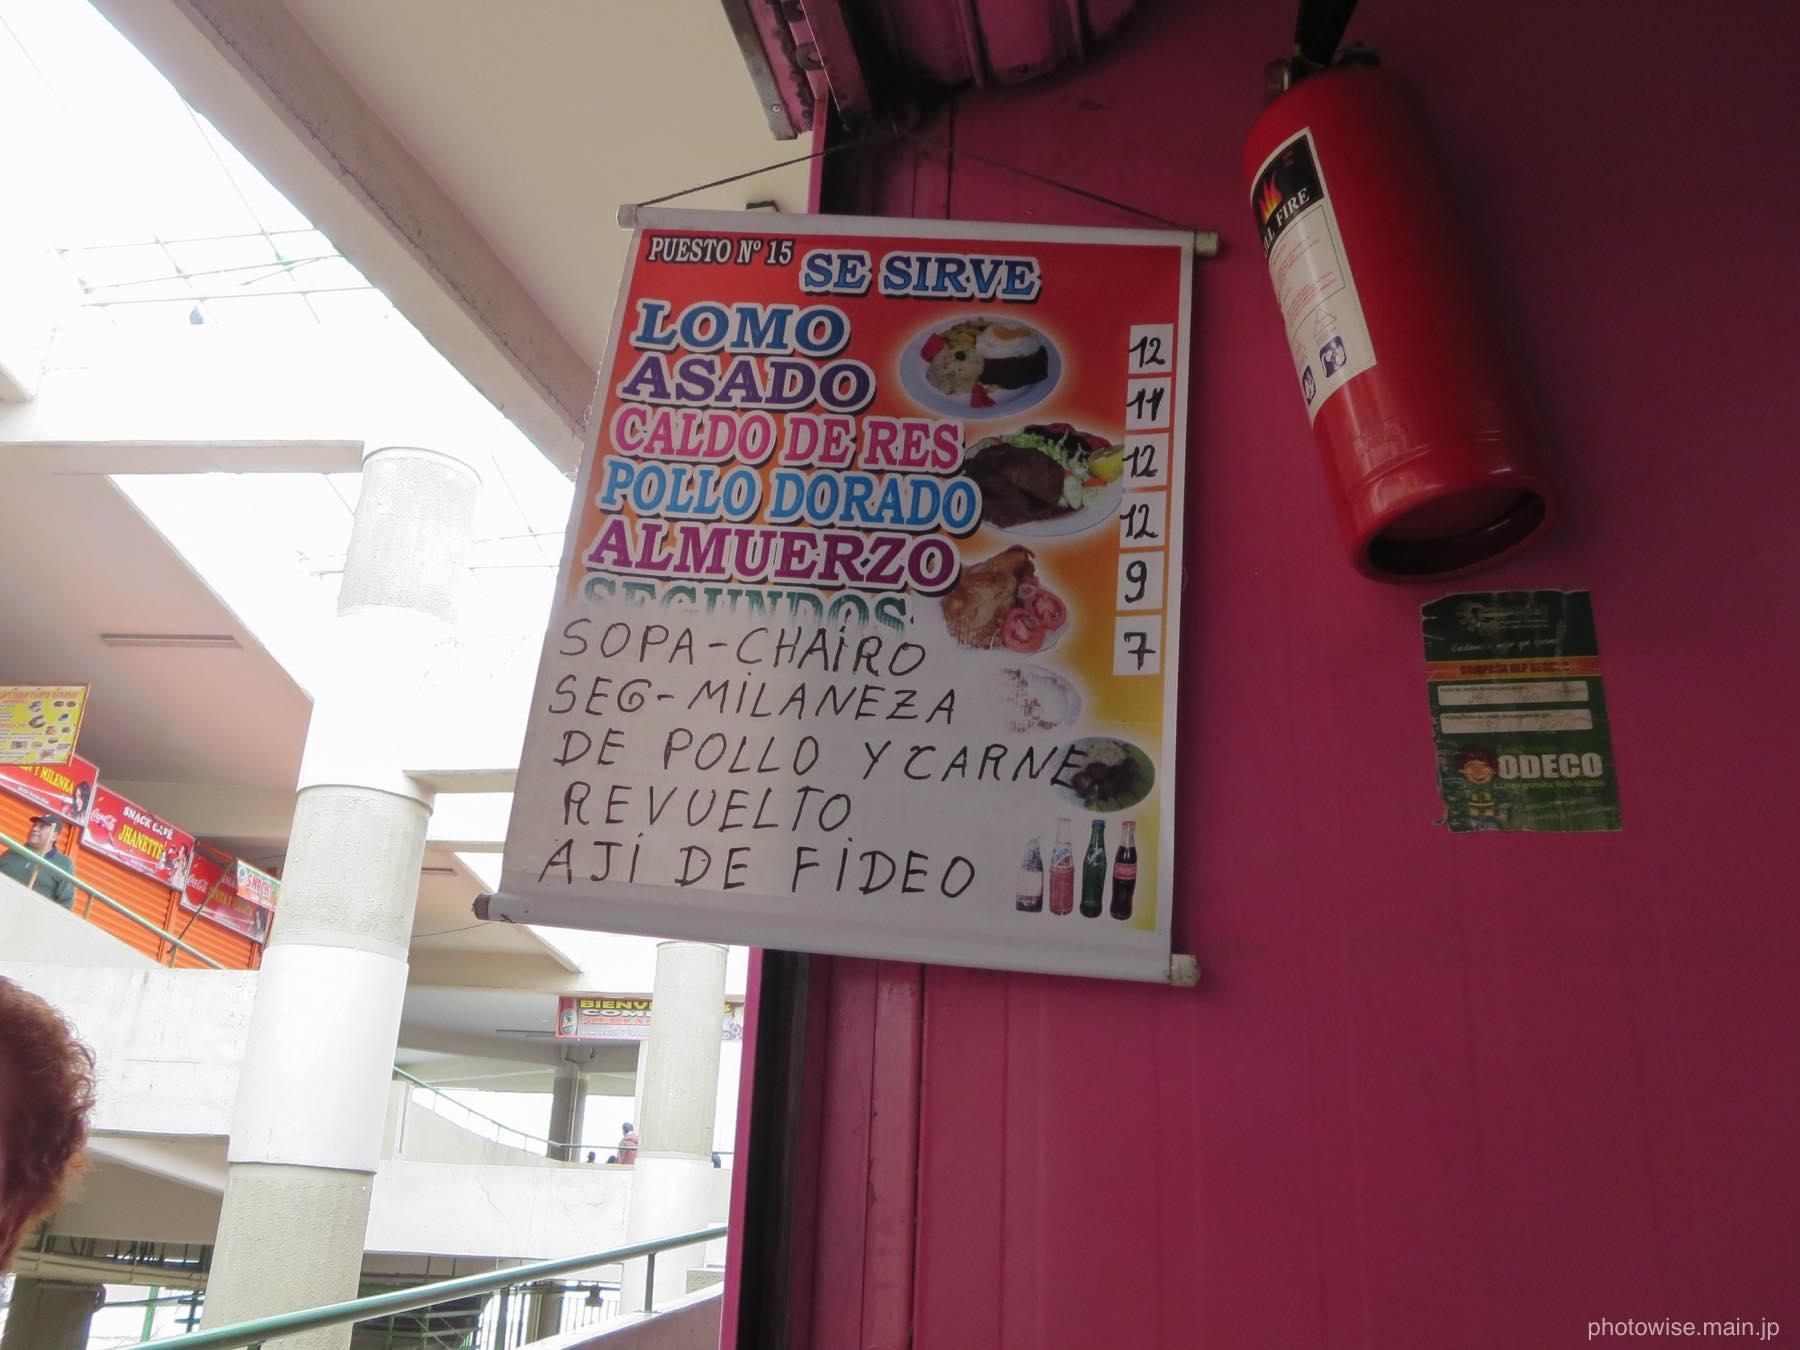 メルカドの飲食店